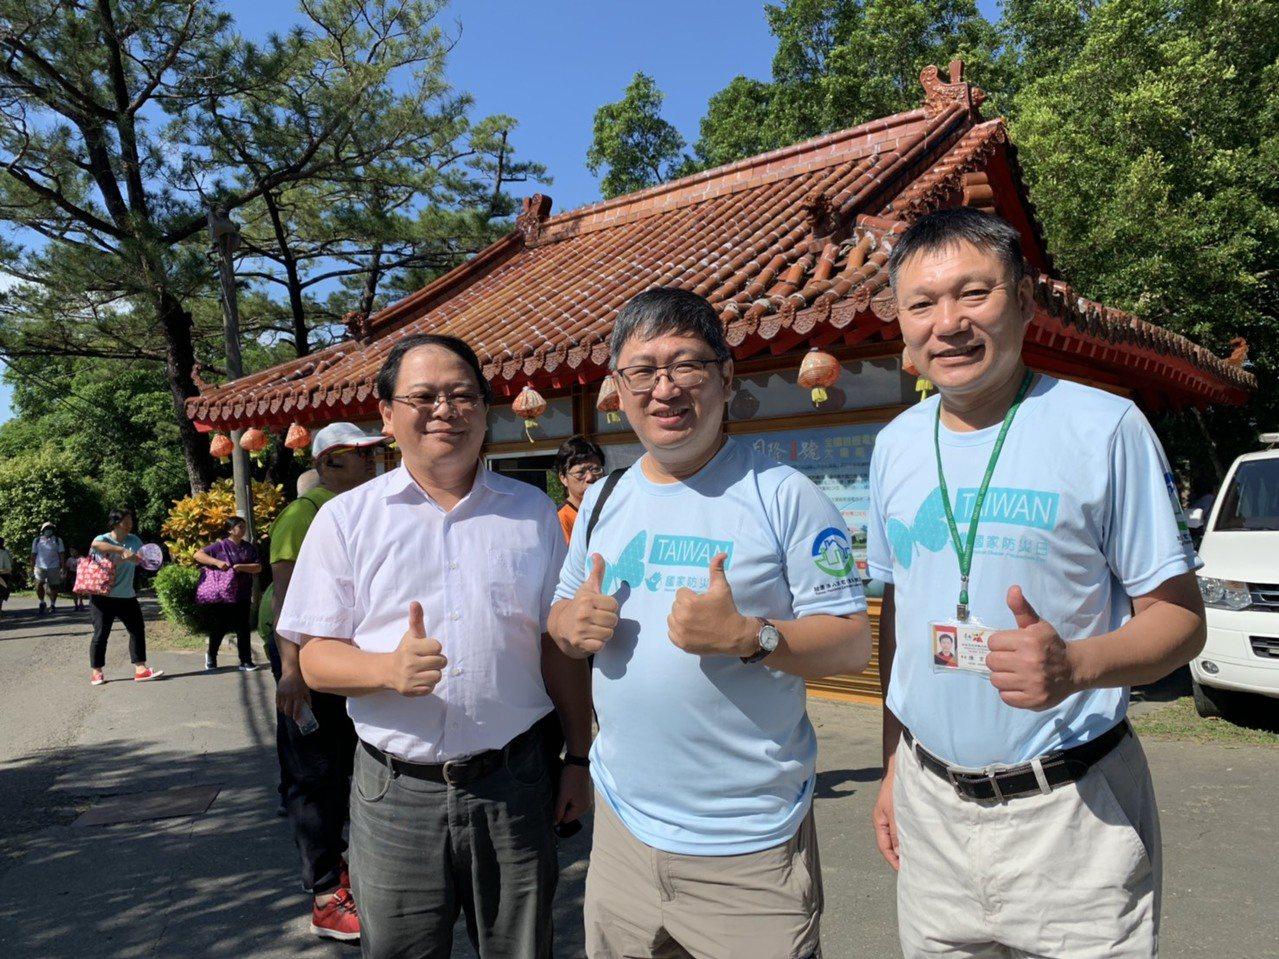 台南市觀光旅遊局長陳信安(中)表示將全力爭取經費,恢復虎頭埤內的新化神社歷史文化...